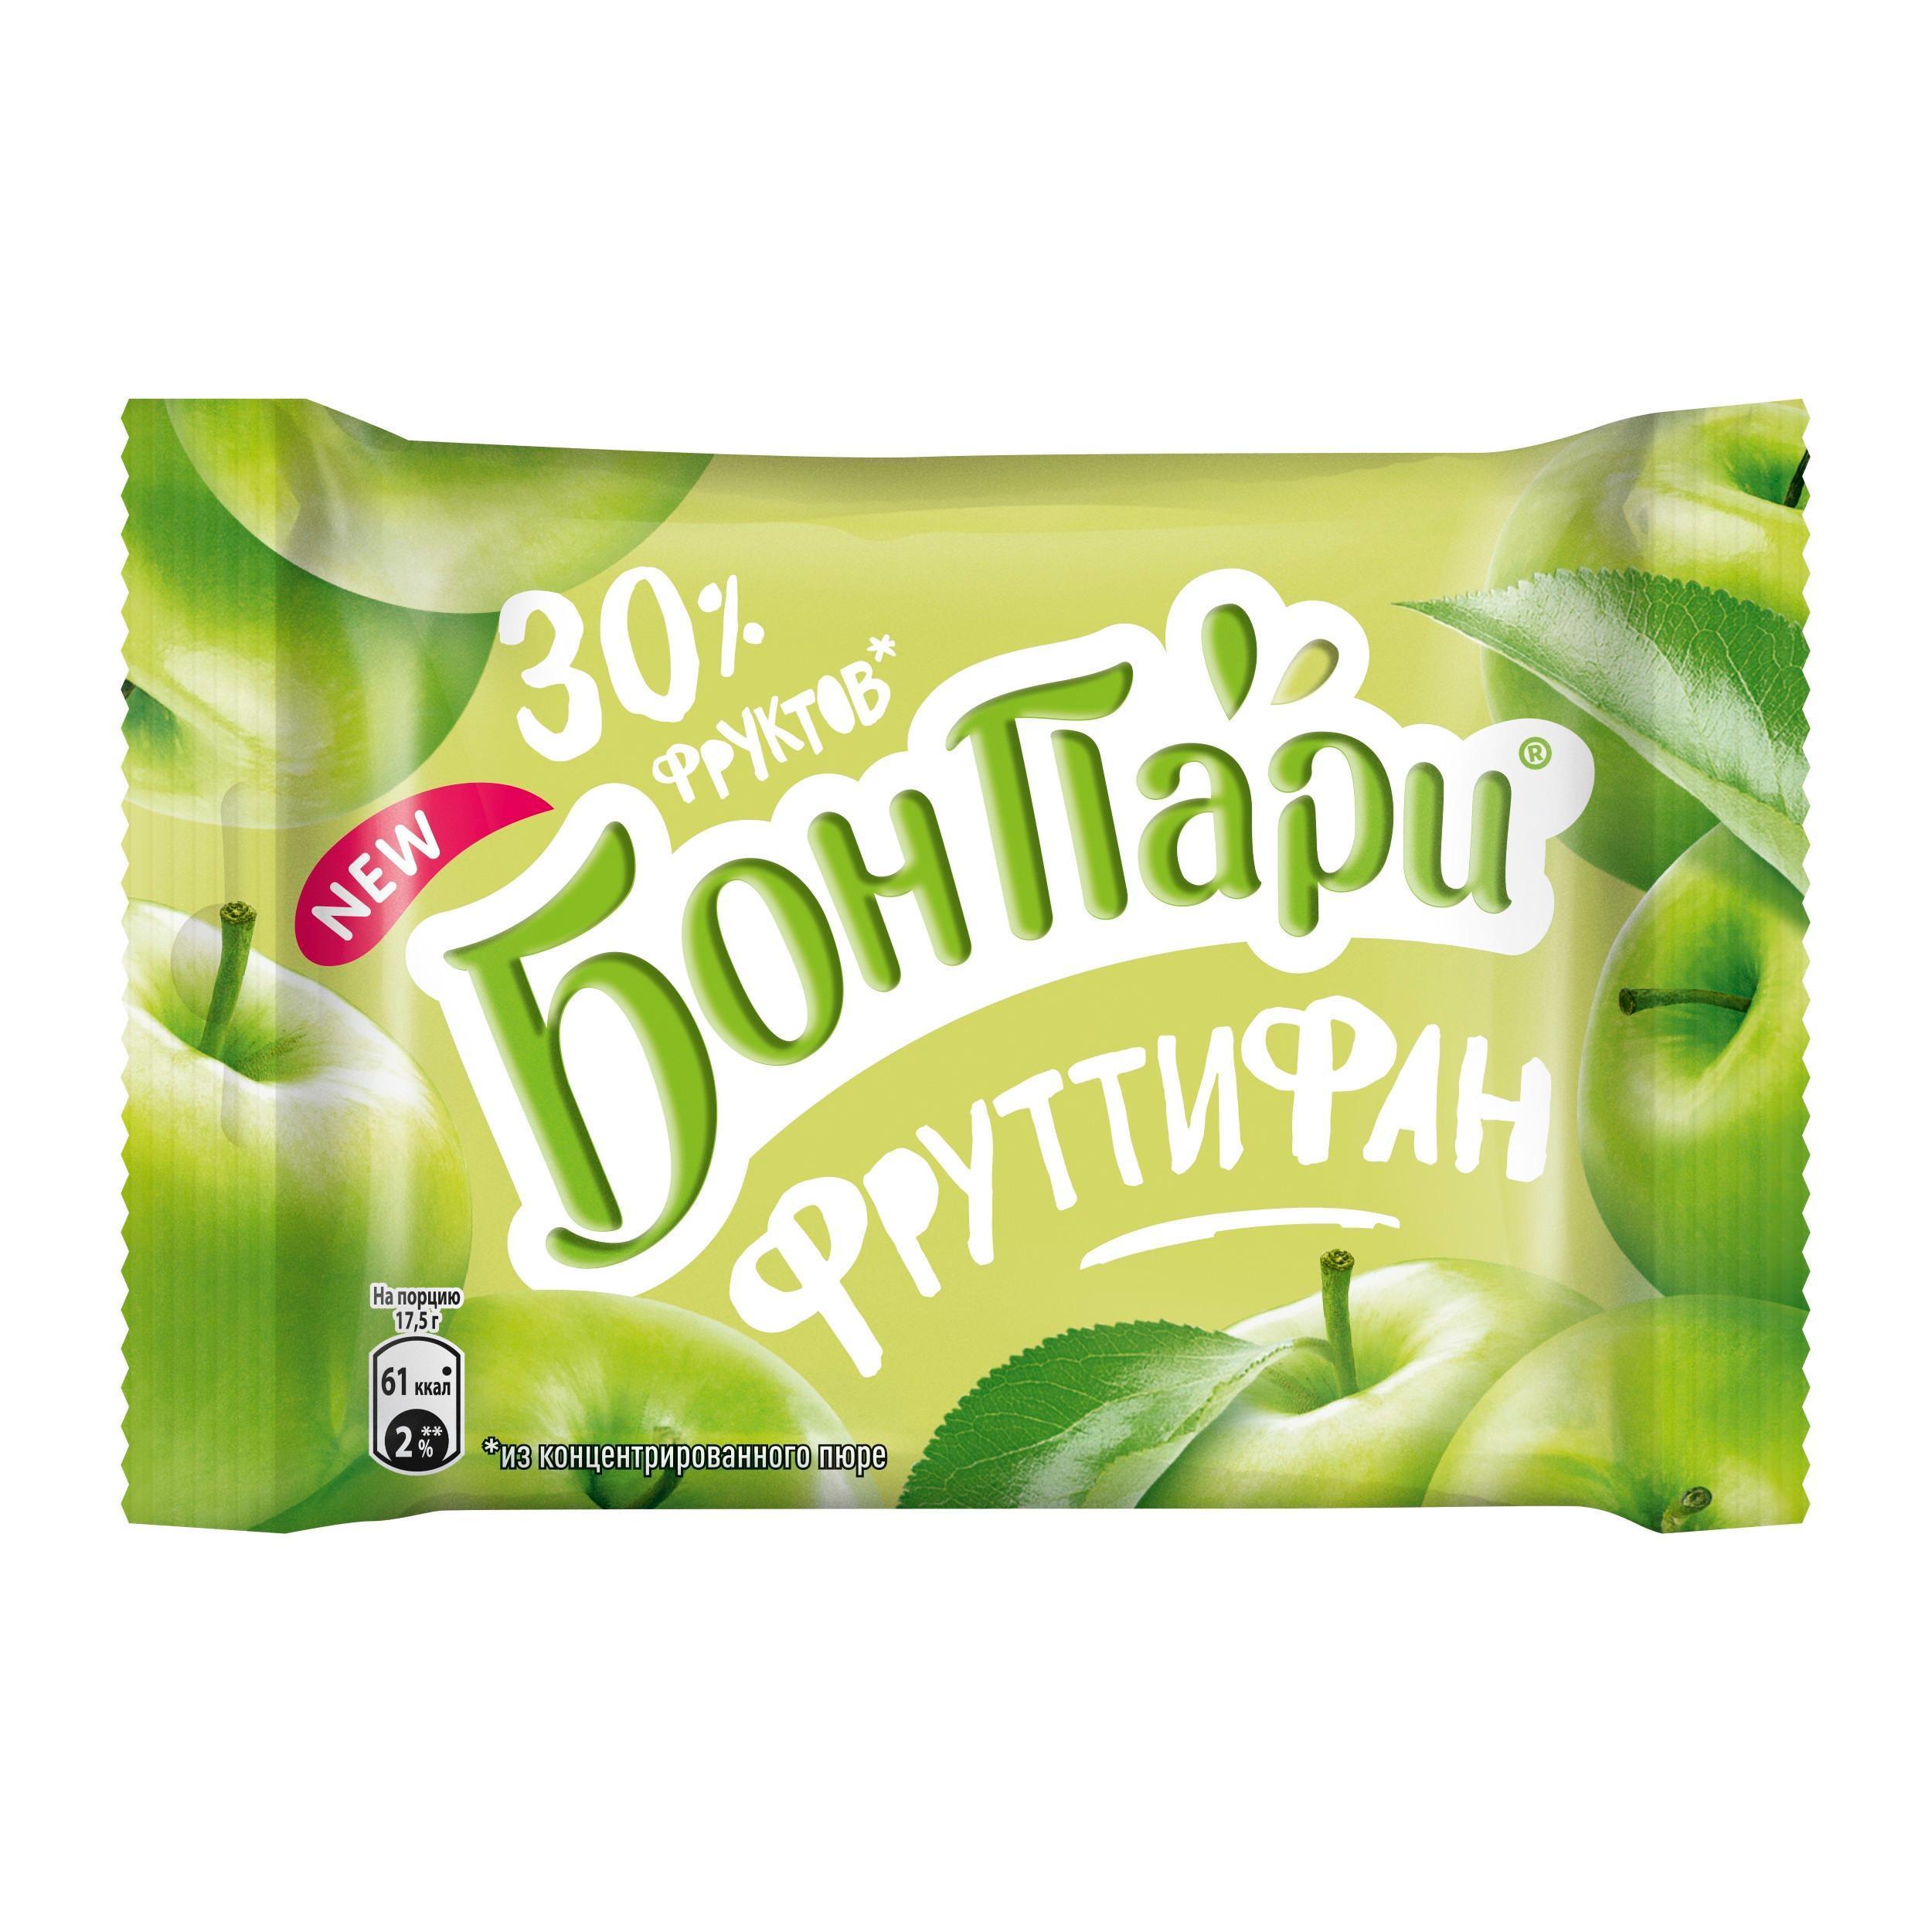 Мармелад Бон Пари Фрутифан яблоко, 42гр